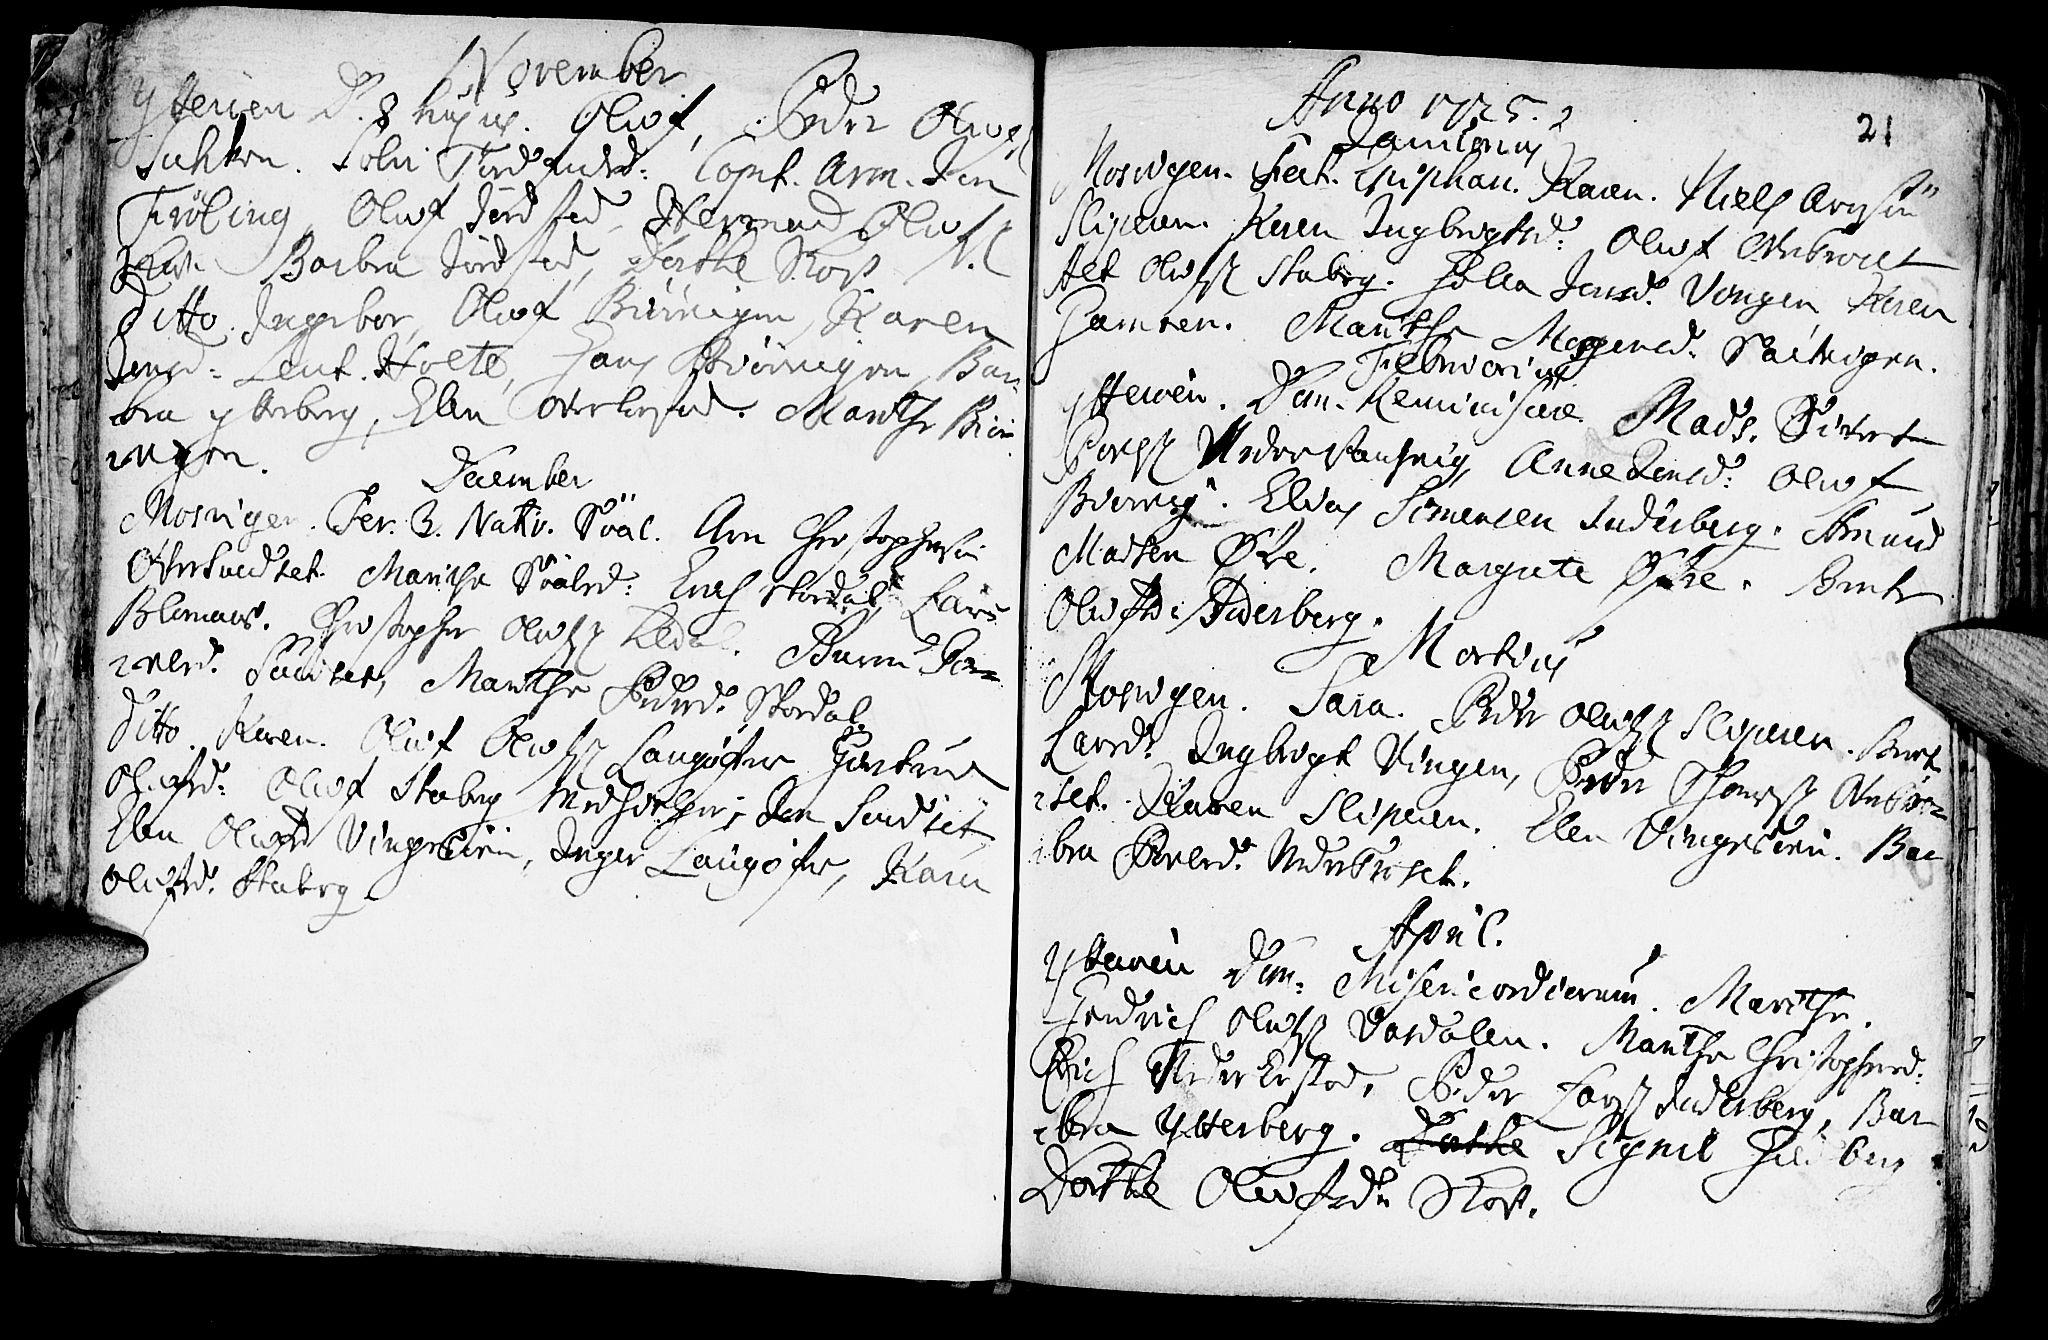 SAT, Ministerialprotokoller, klokkerbøker og fødselsregistre - Nord-Trøndelag, 722/L0215: Ministerialbok nr. 722A02, 1718-1755, s. 21